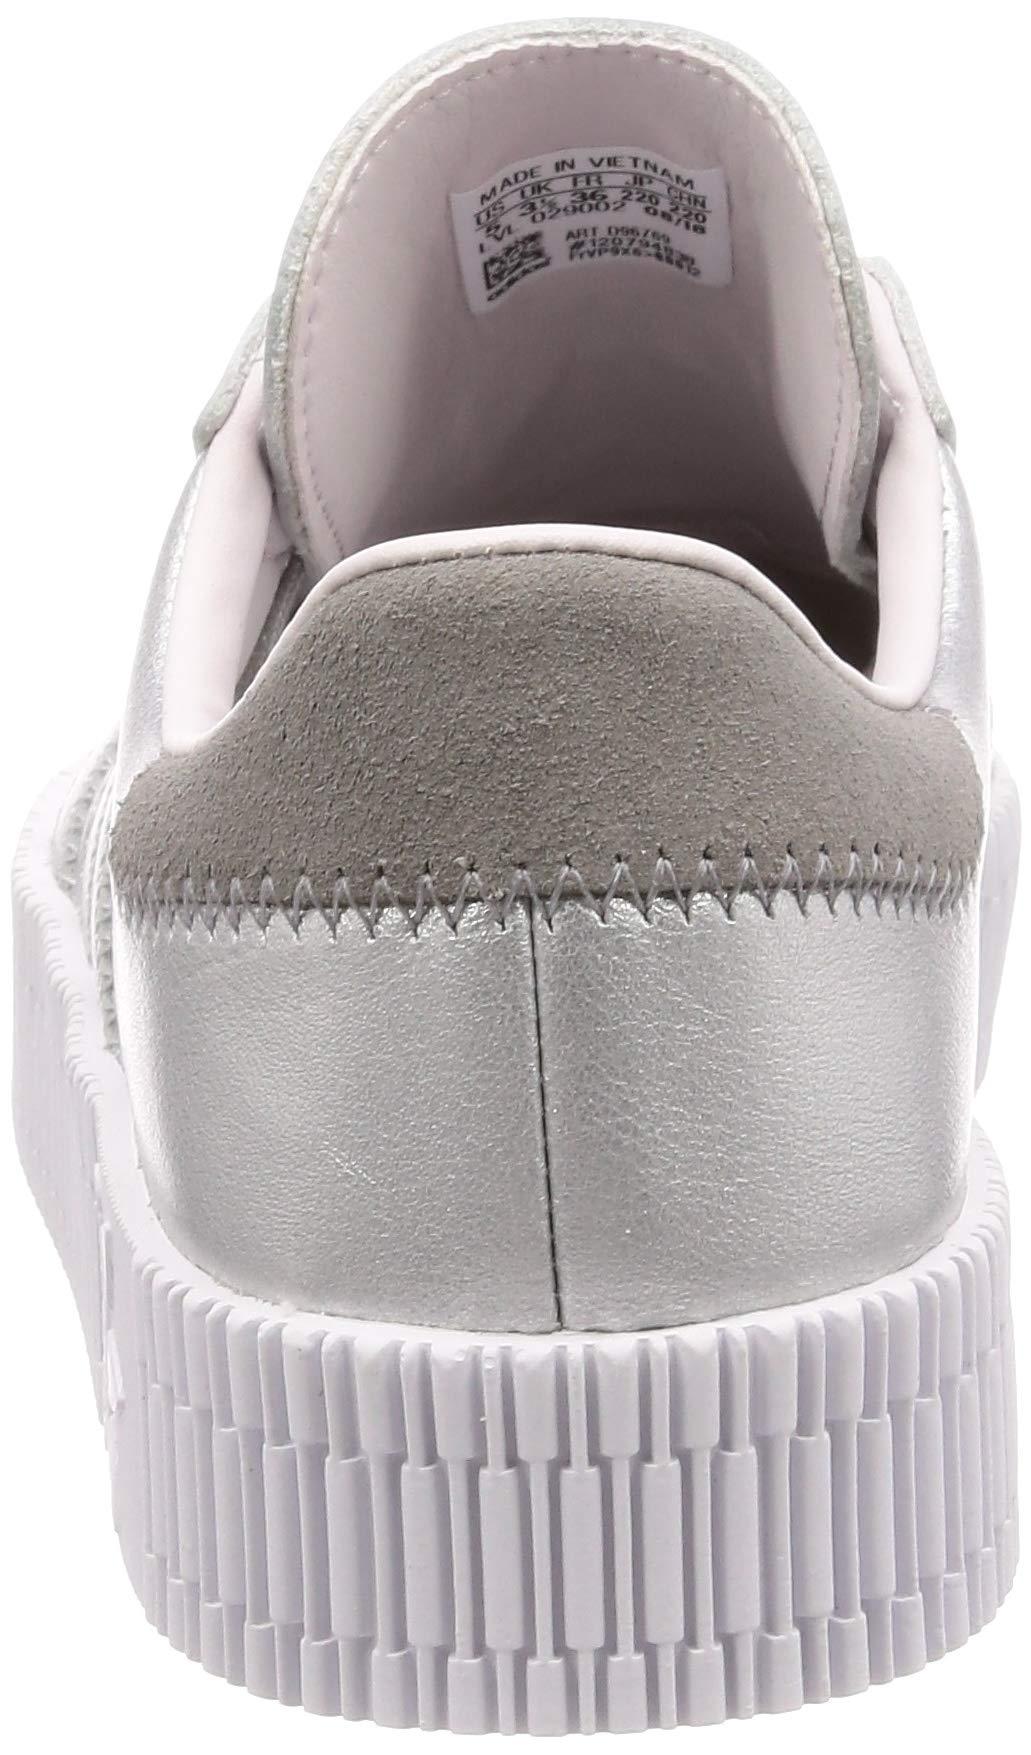 adidas Sambarose W, Scarpe da Fitness Donna 2 spesavip